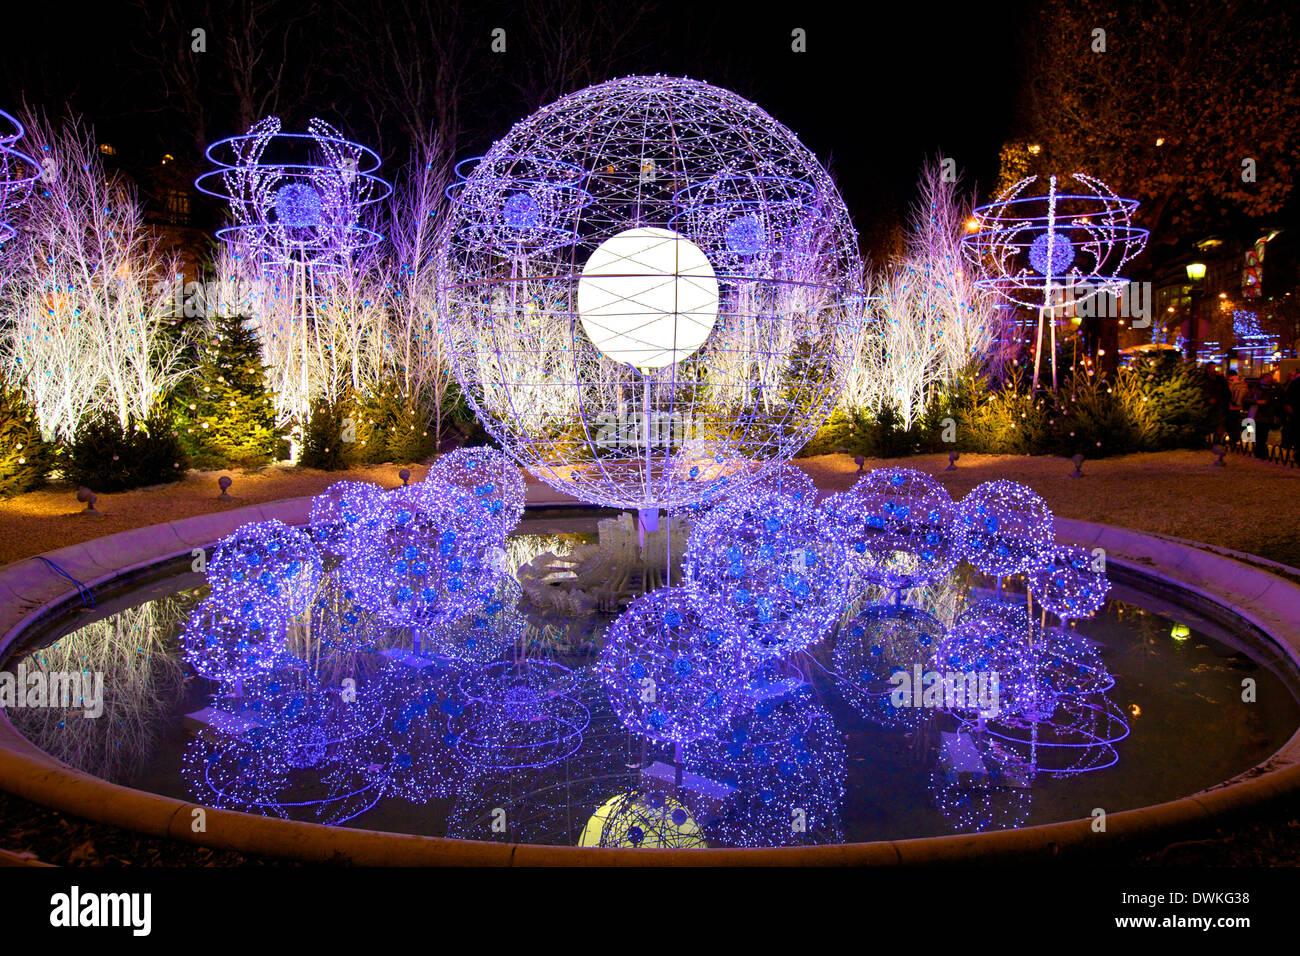 Christmas decorations avenue des champs elysees paris - Comptoir des cotonniers champs elysees ...